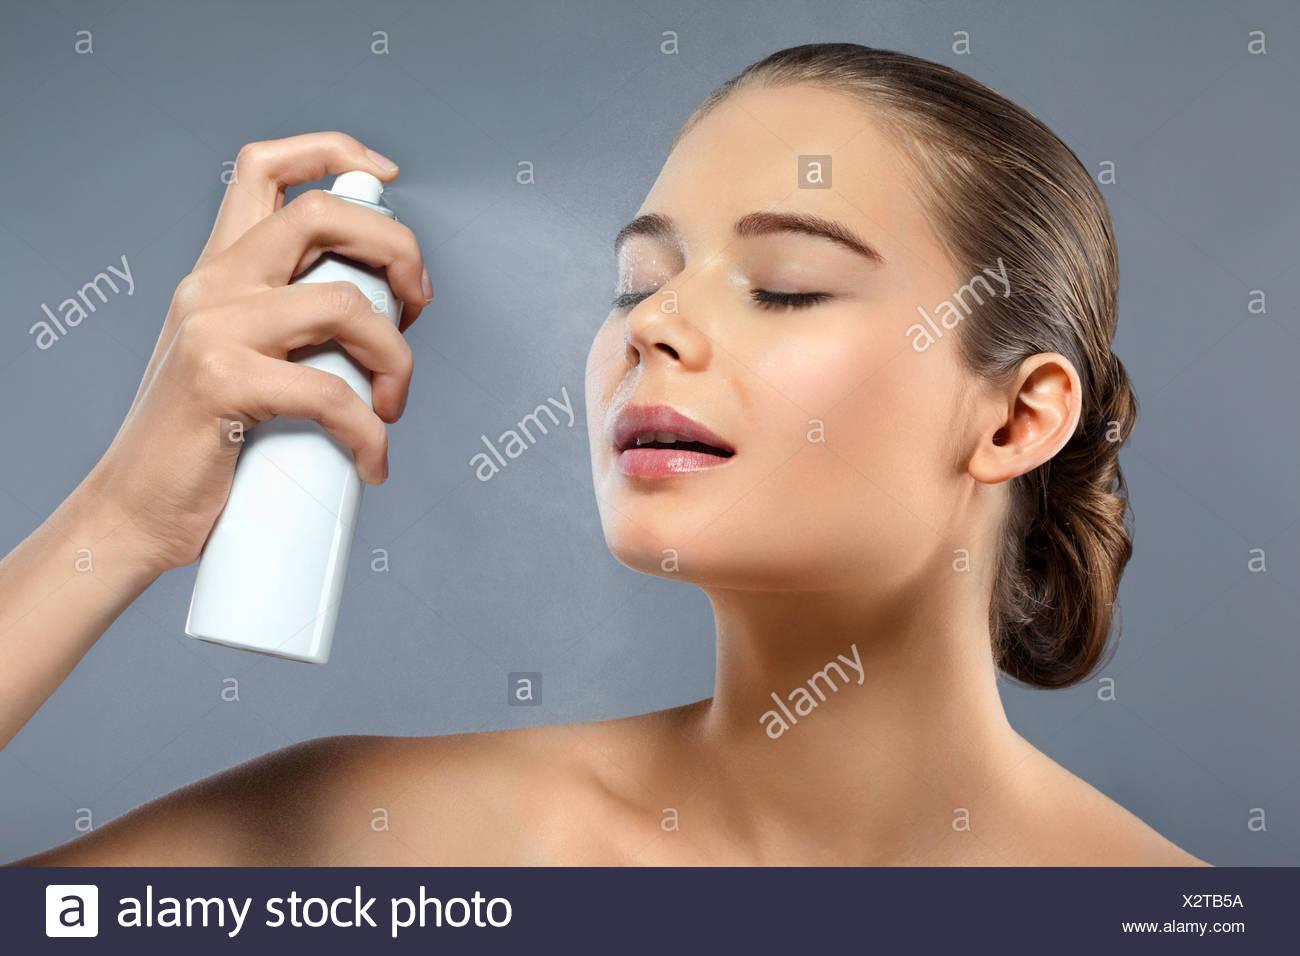 Eine Frau, die ihr Gesicht mit feuchtigkeitsspendenden Spray besprühen Stockbild